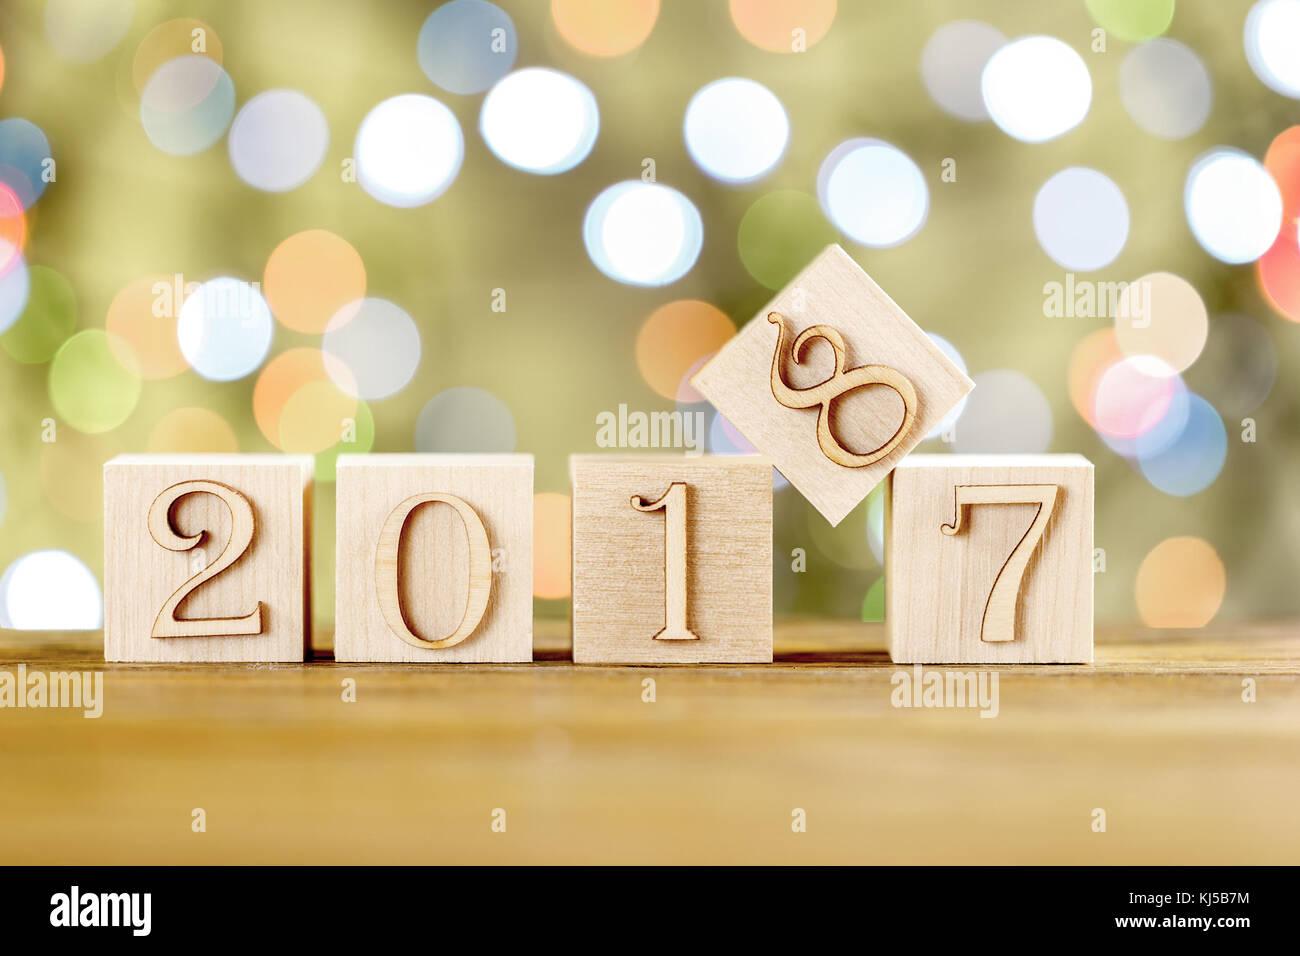 Herzlichen Glückwunsch zum neuen Jahr. Das neue Jahr 2018 ...